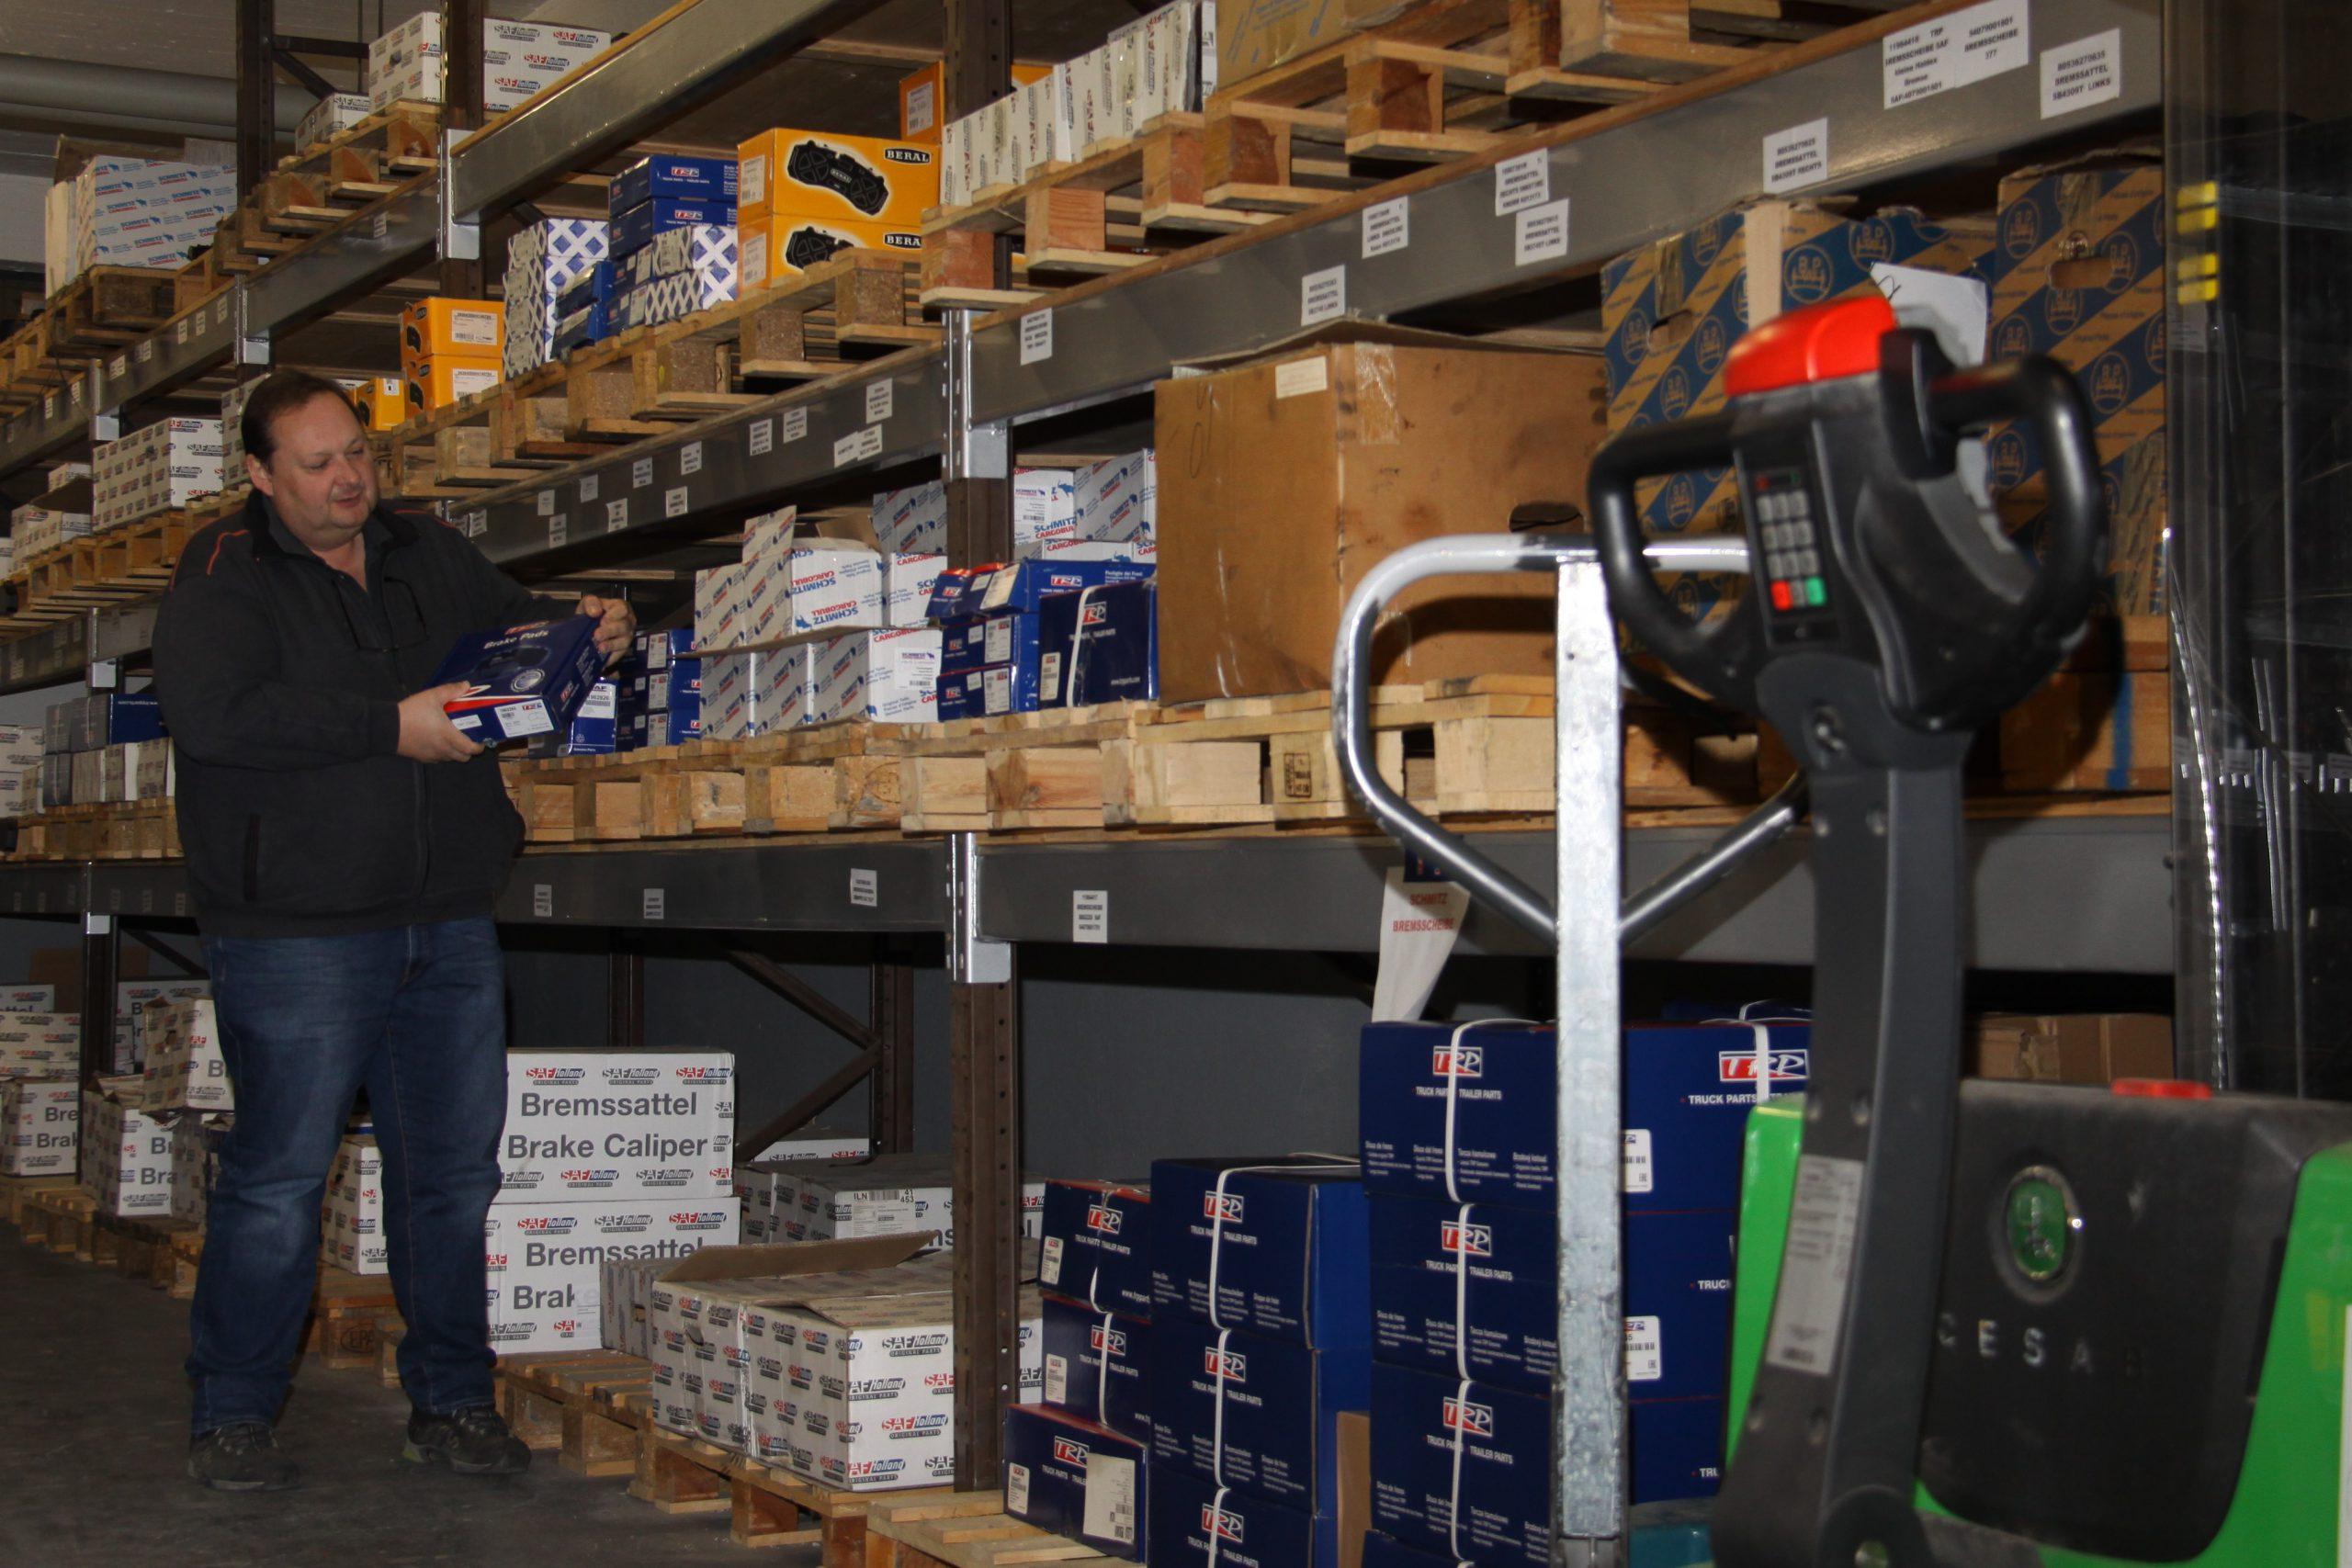 Lagerist vor Regalen mit vielen original Ersatzteilen für DAF LKWs